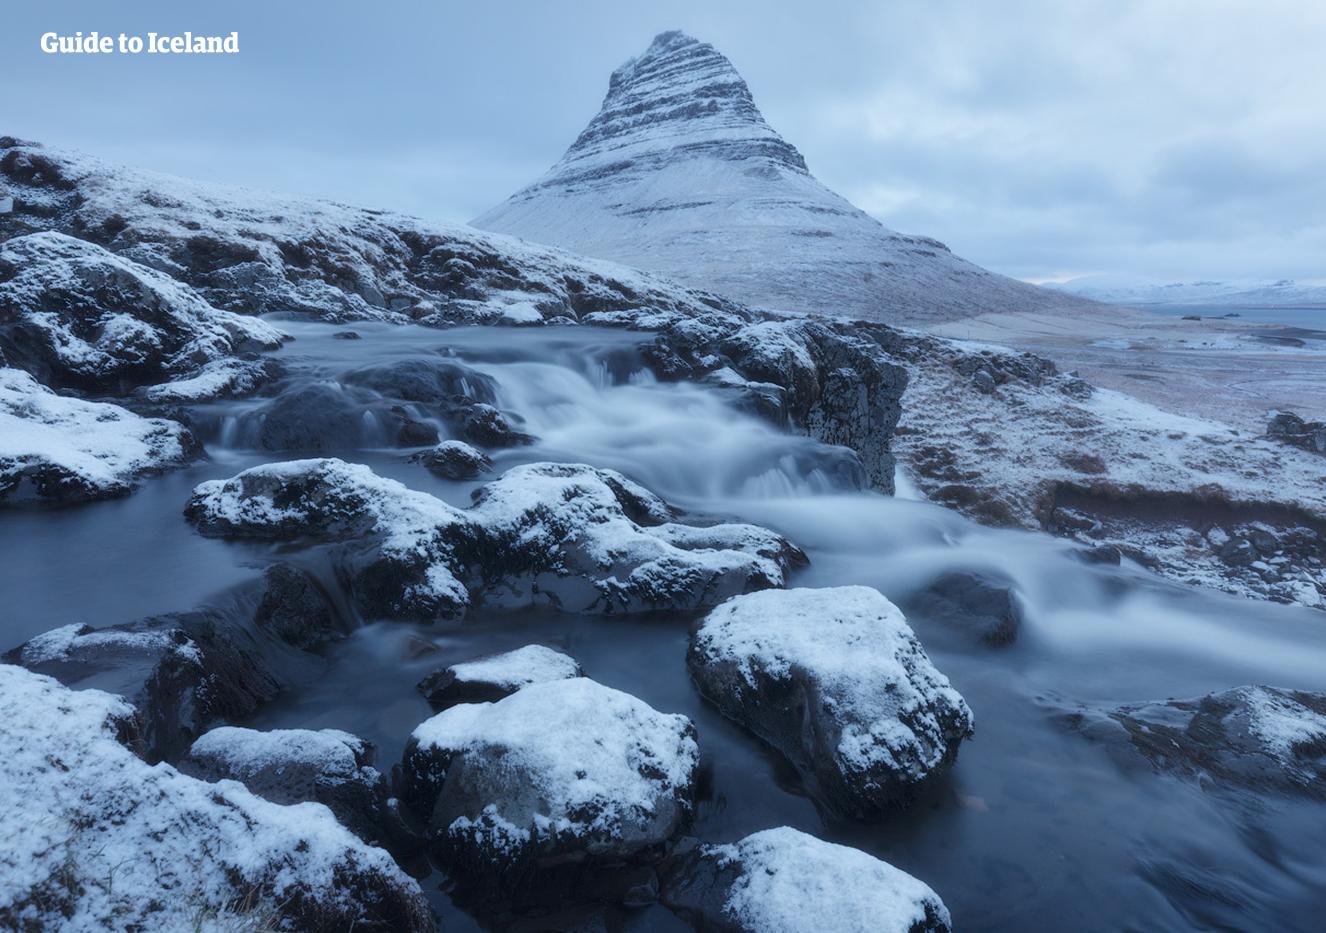 ภูเขาเคิร์คจูแฟสที่ถูกหิมะปกคลุมในหน้าหนาวตั้งตระหง่านบนคาบสมุทรสไนล์แฟลซเนส